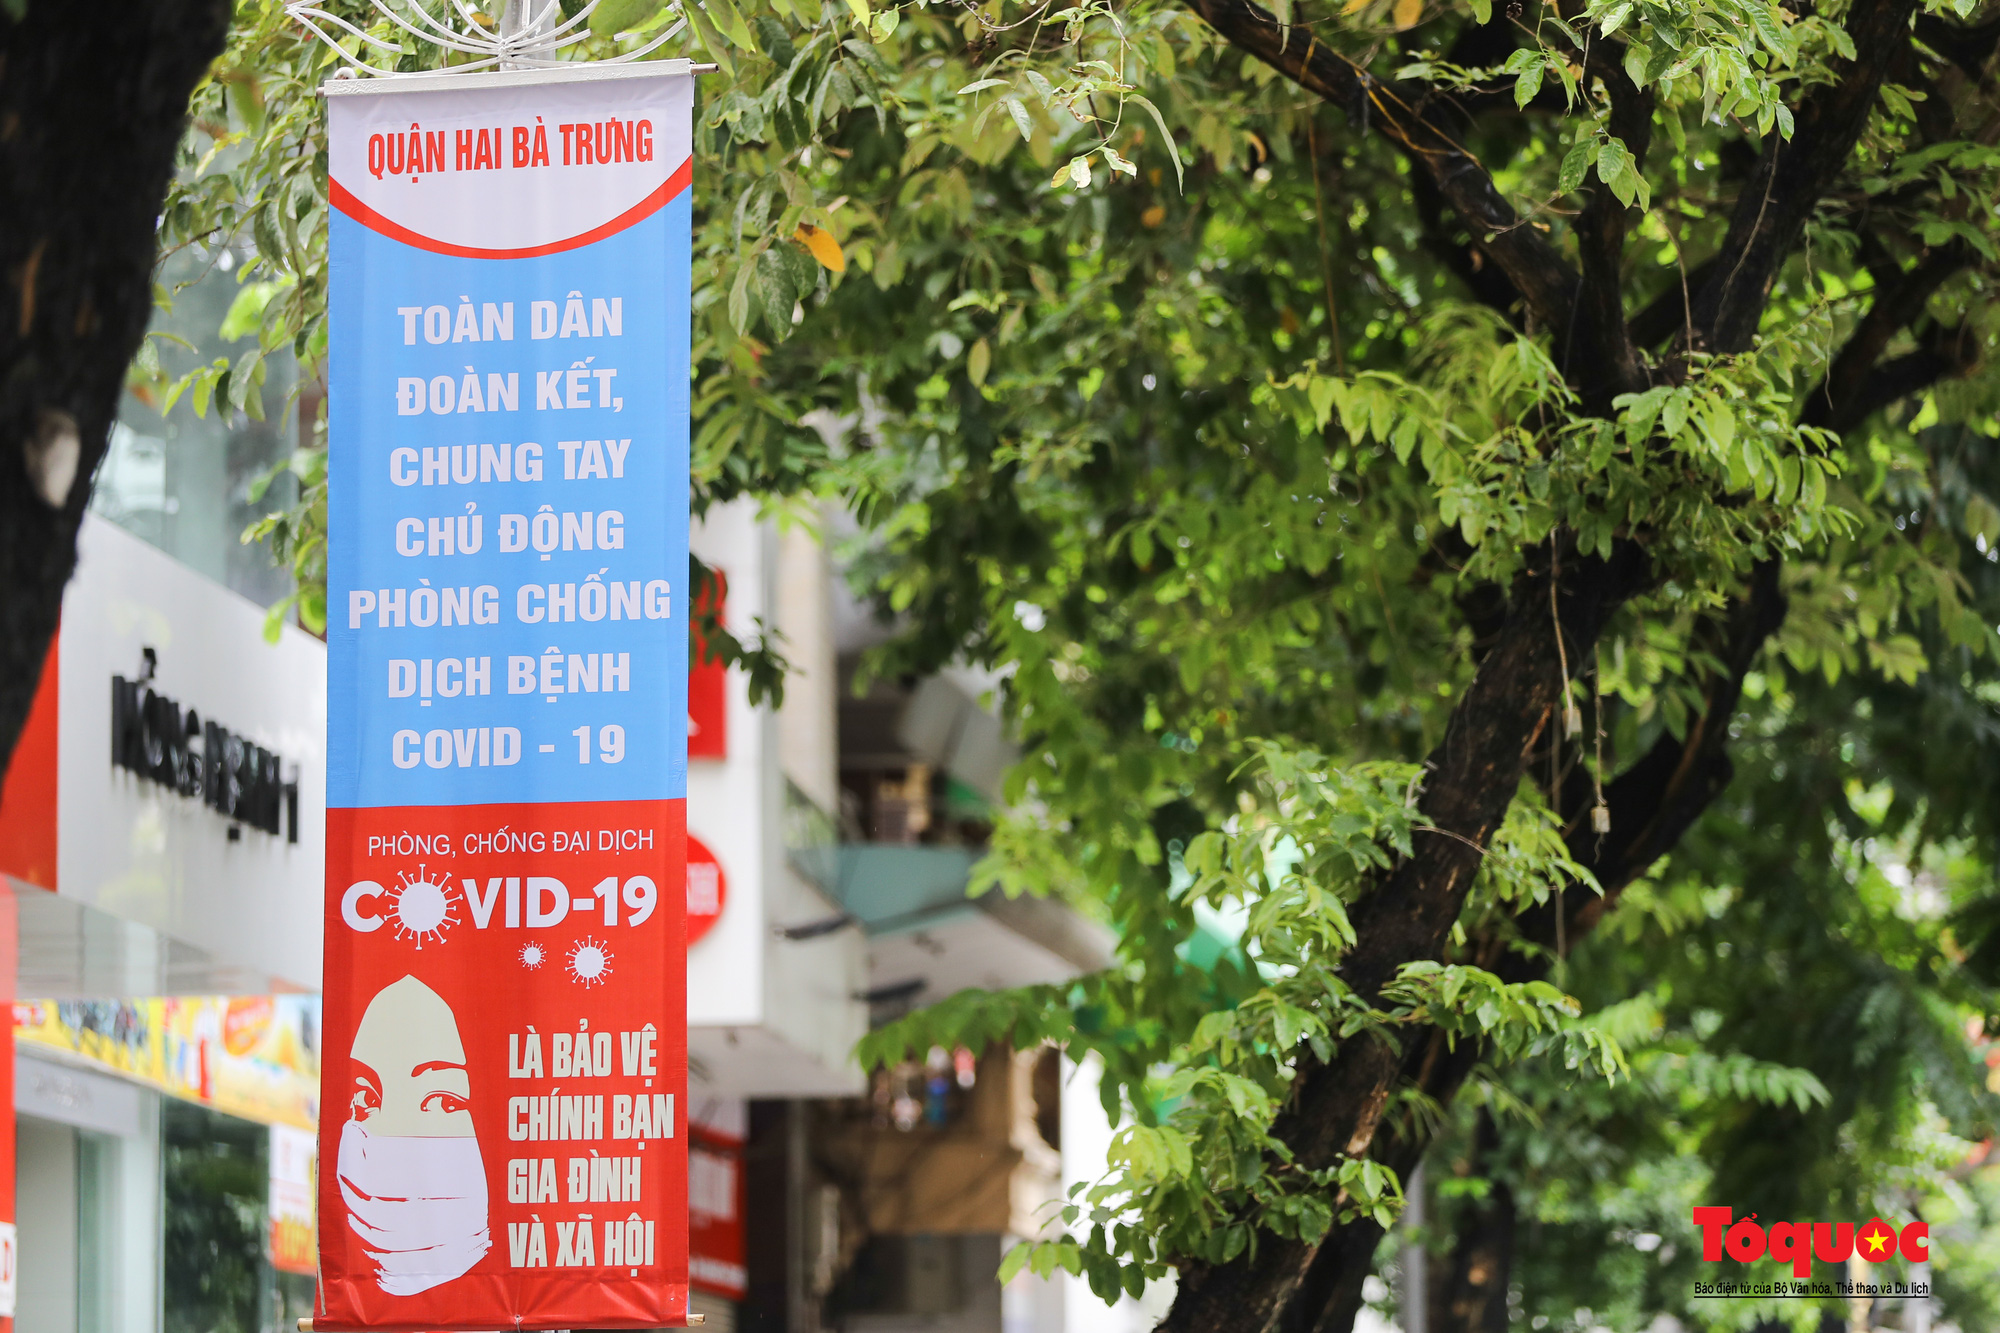 Pano, hình ảnh cổ động phòng chống dịch COVID-19 trên khắp đường phố Hà Nội - Ảnh 4.